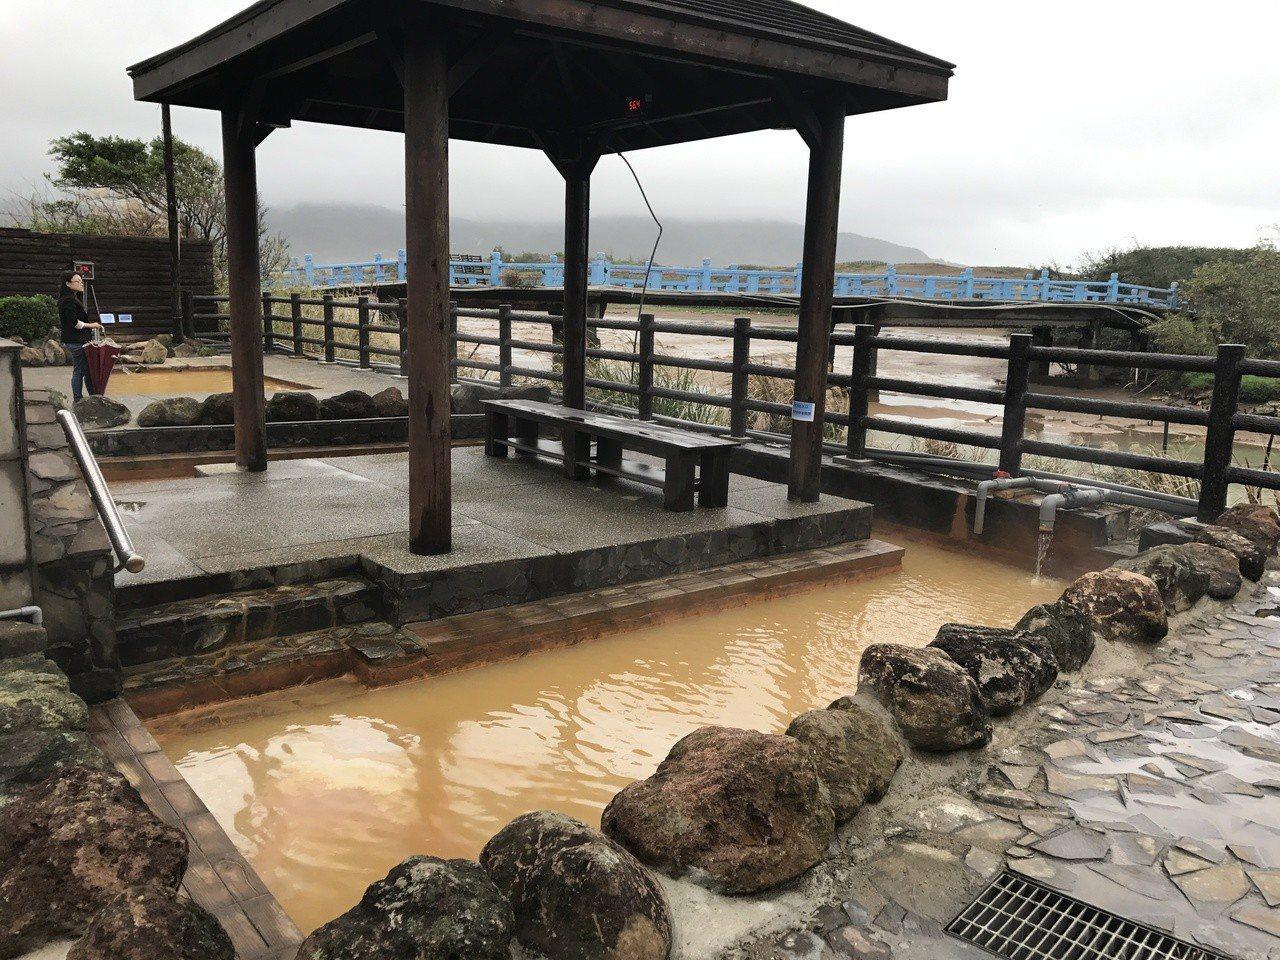 磺港公共浴池有珍貴的黃金湯。記者吳淑君/攝影